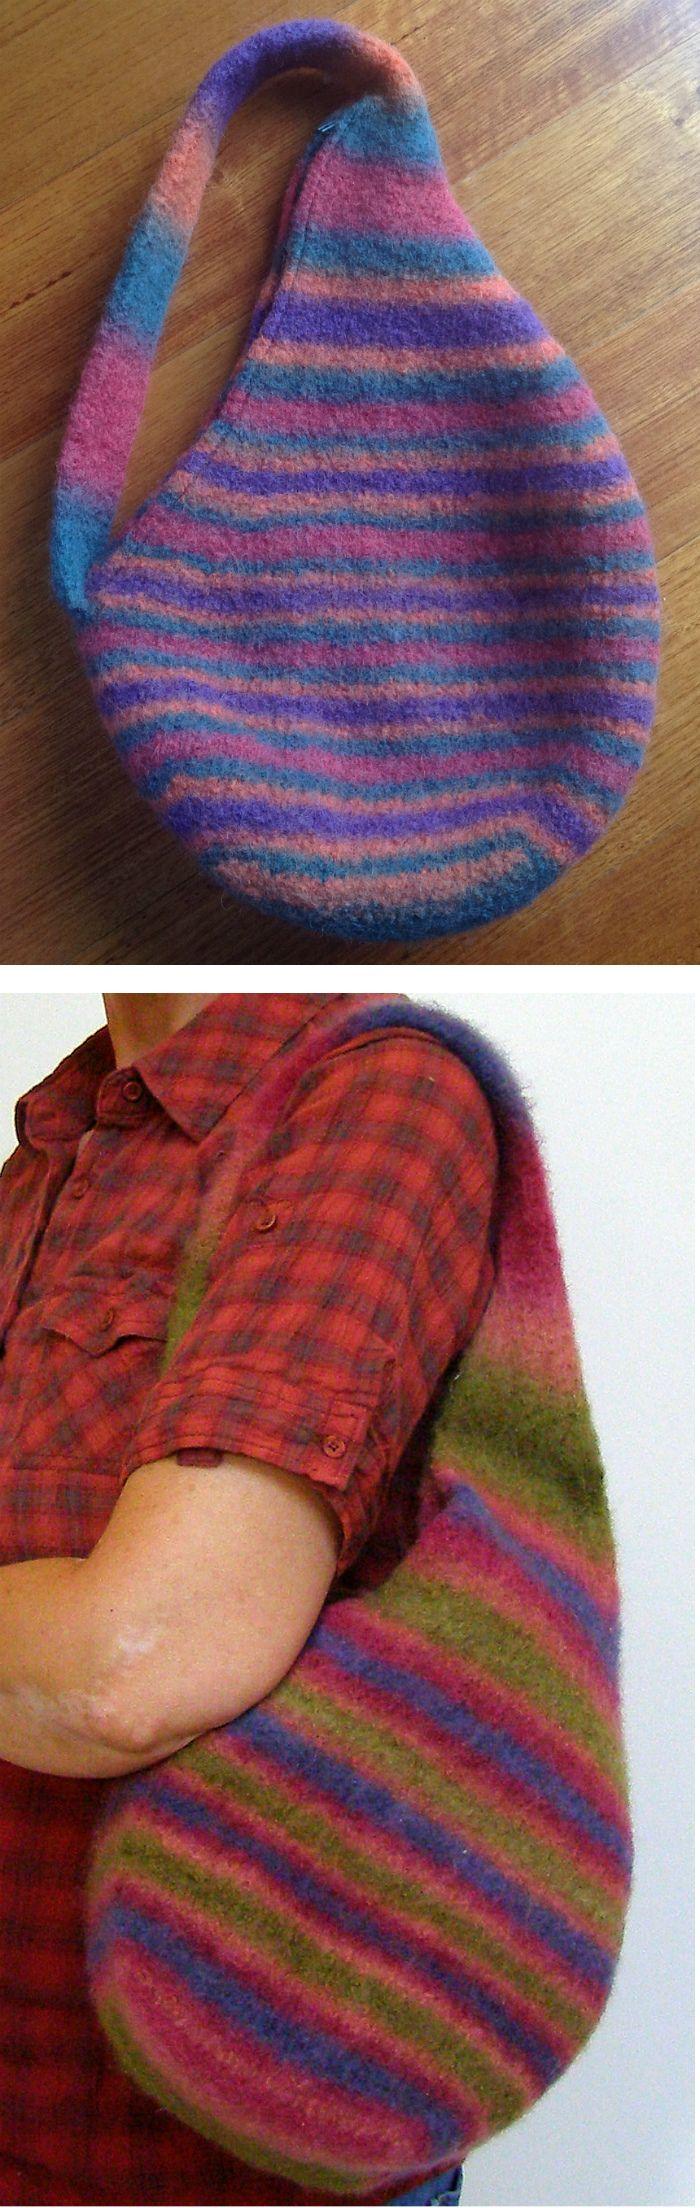 Free Knitting Pattern For Strong Back Bag Shoulder Tote Designed